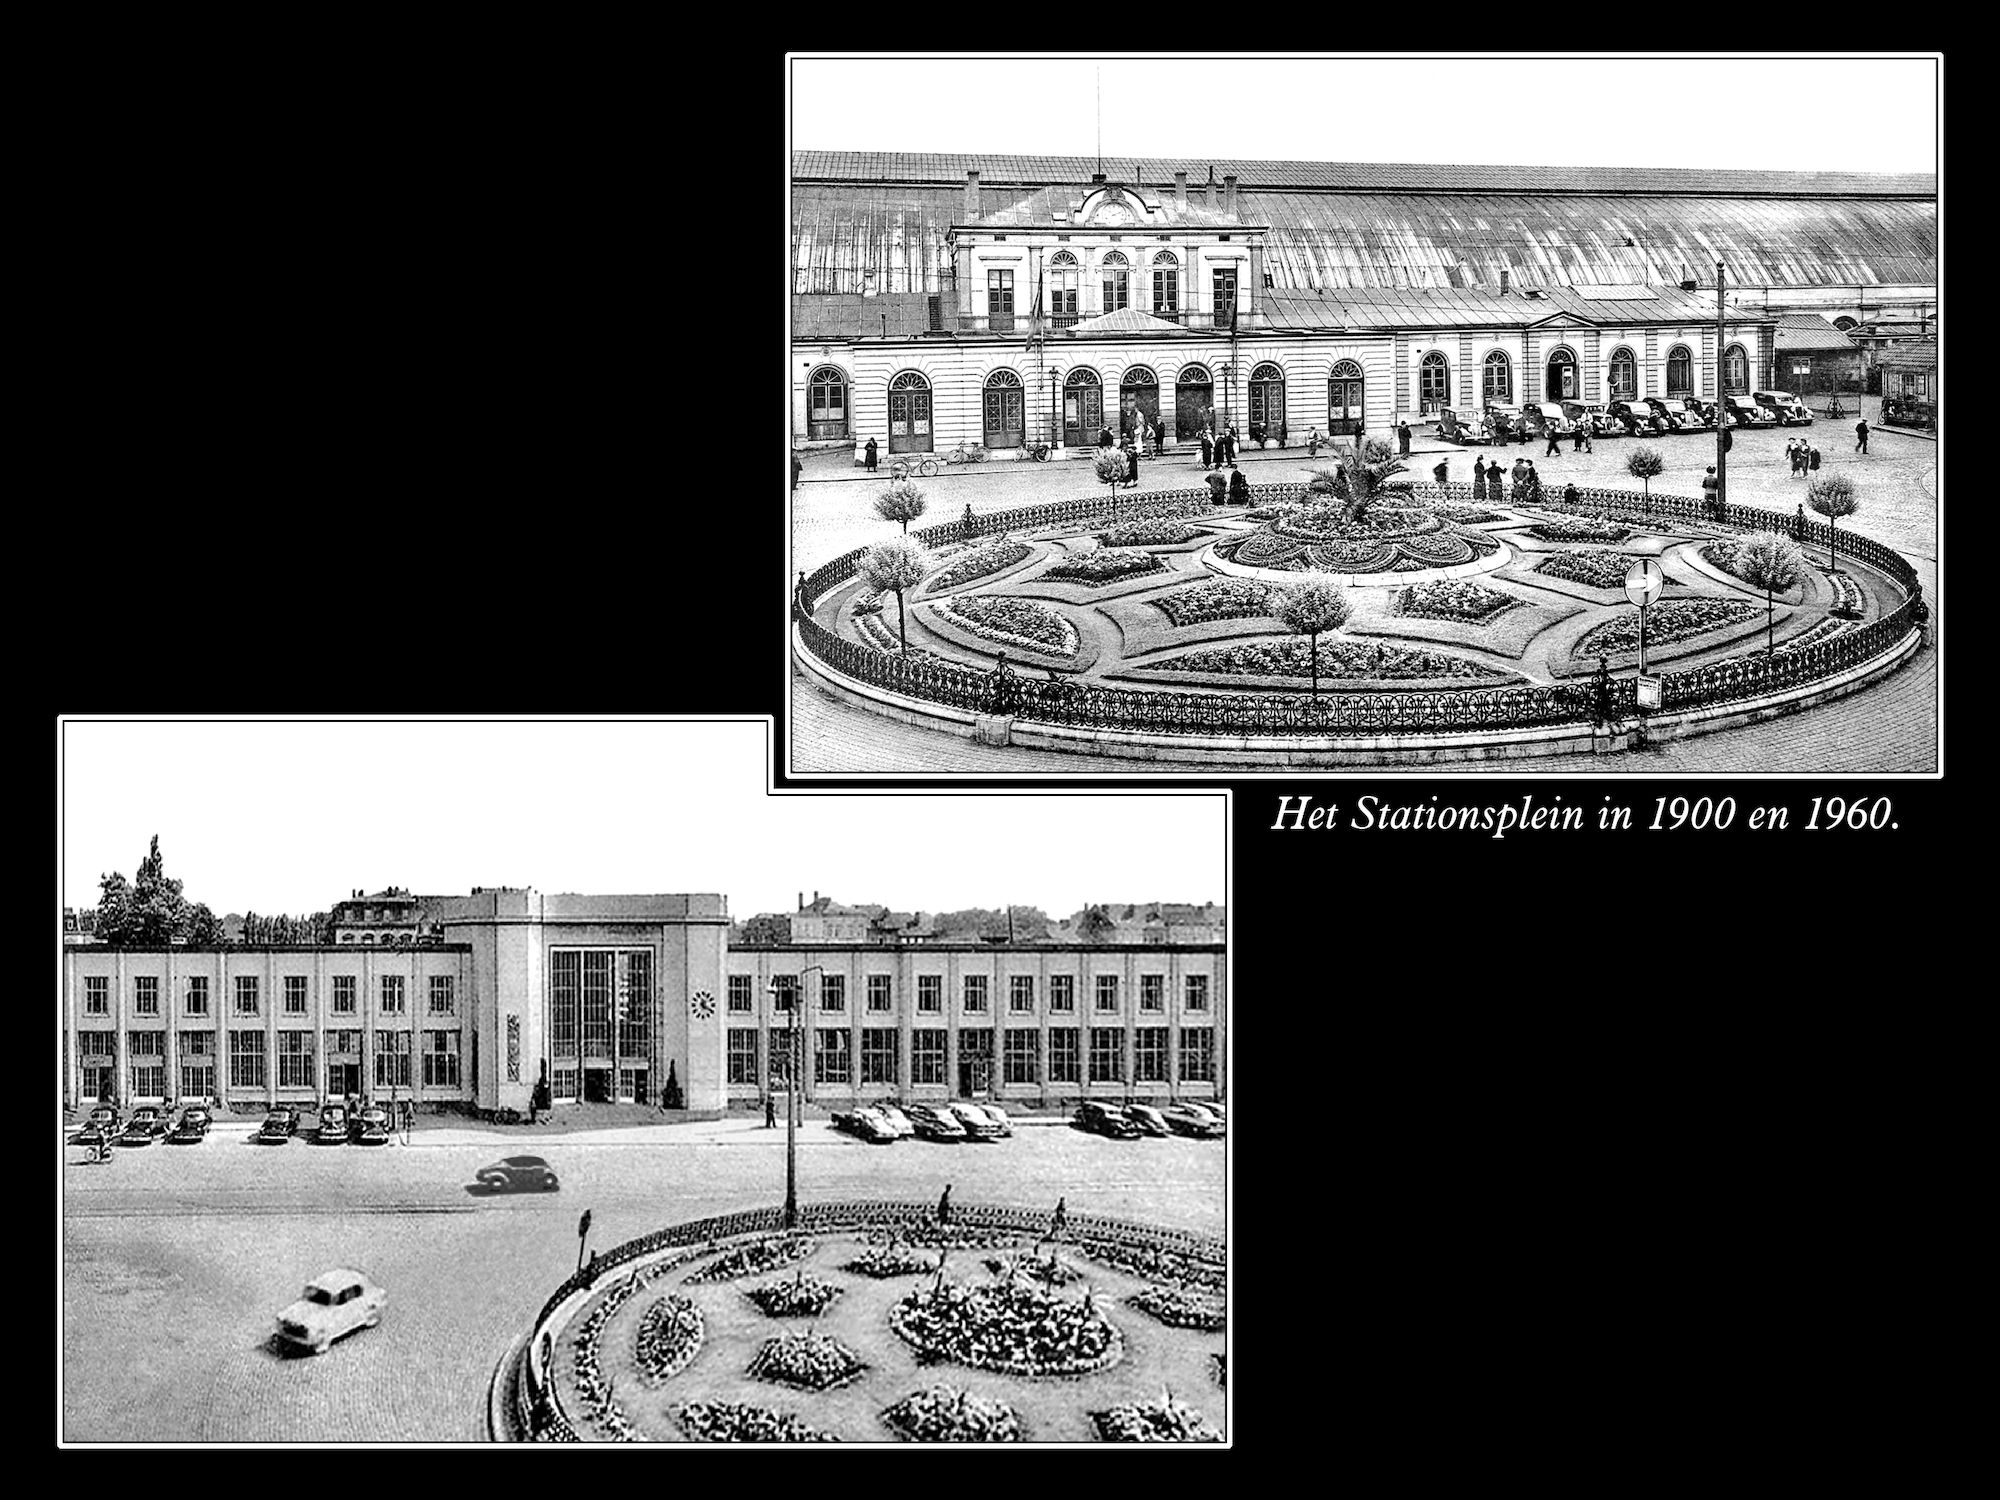 Stationsplein 1900 en 1960